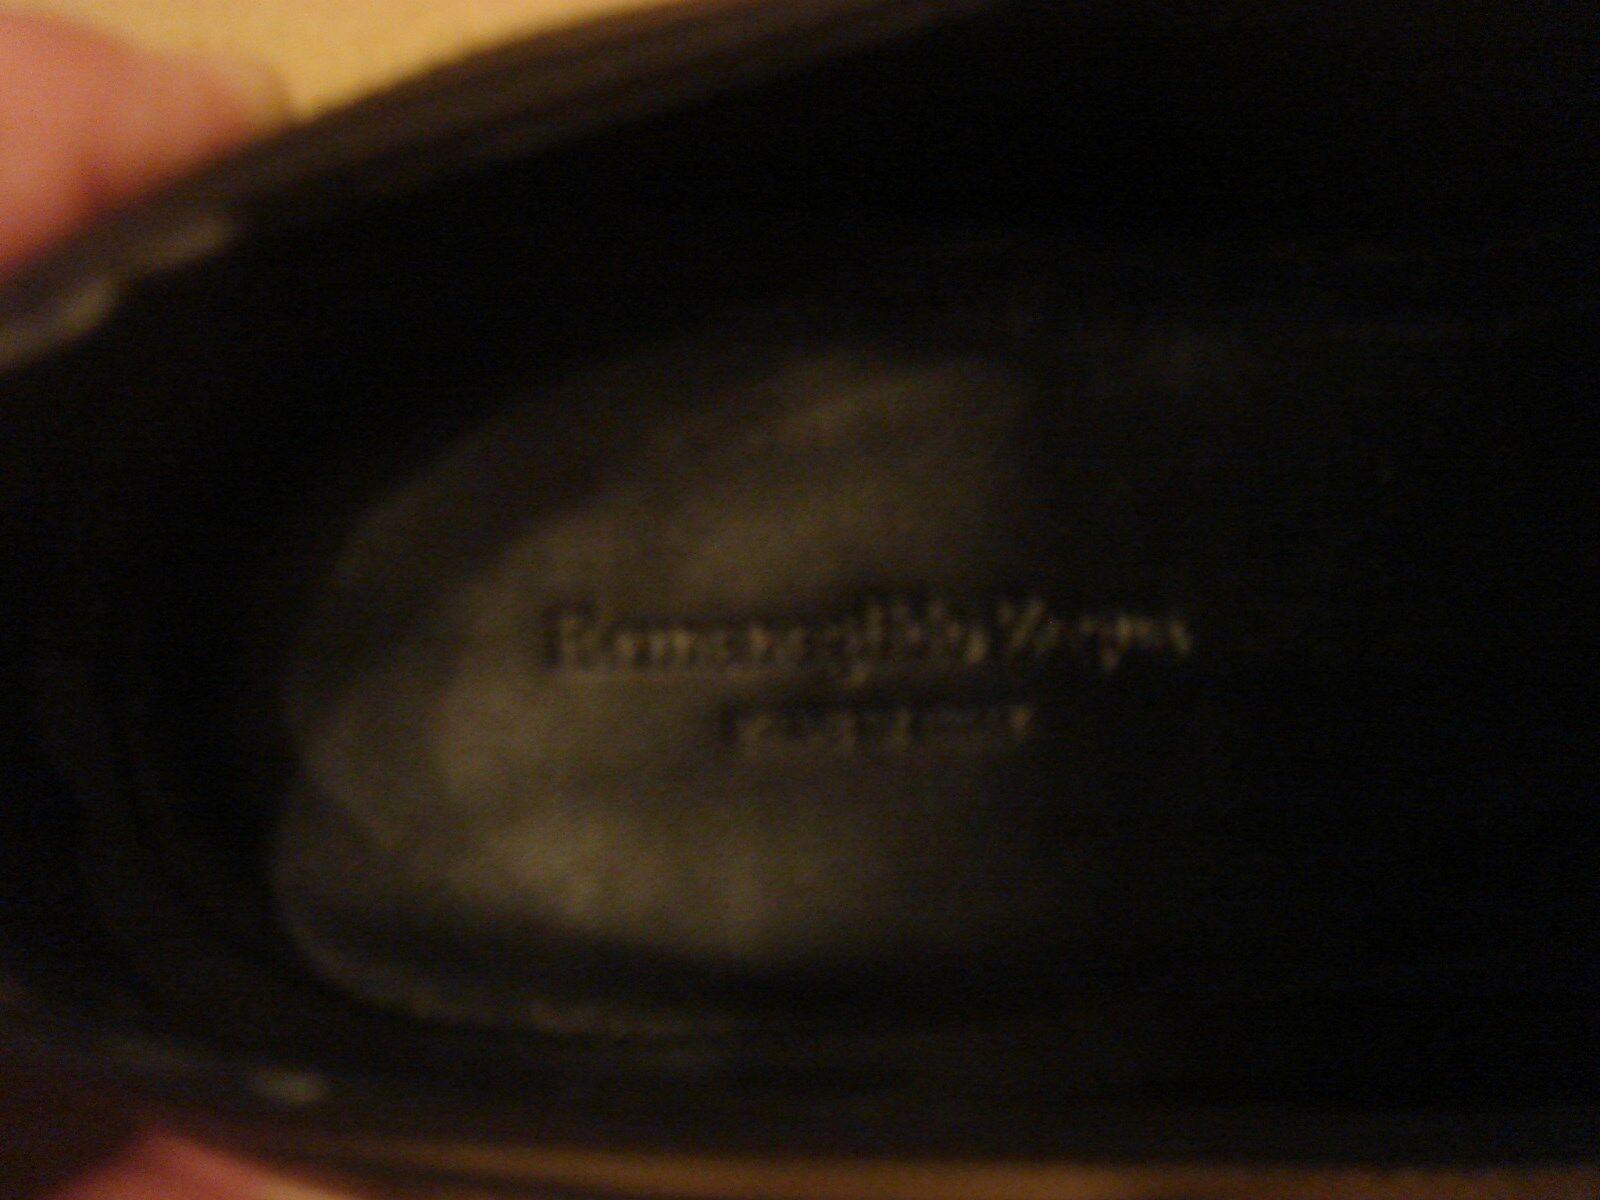 Zegna Schuhe Oxford-Style schwarz 11 11 11 (EU) 12 (US) Ermenegildo Zegna, neu 293473